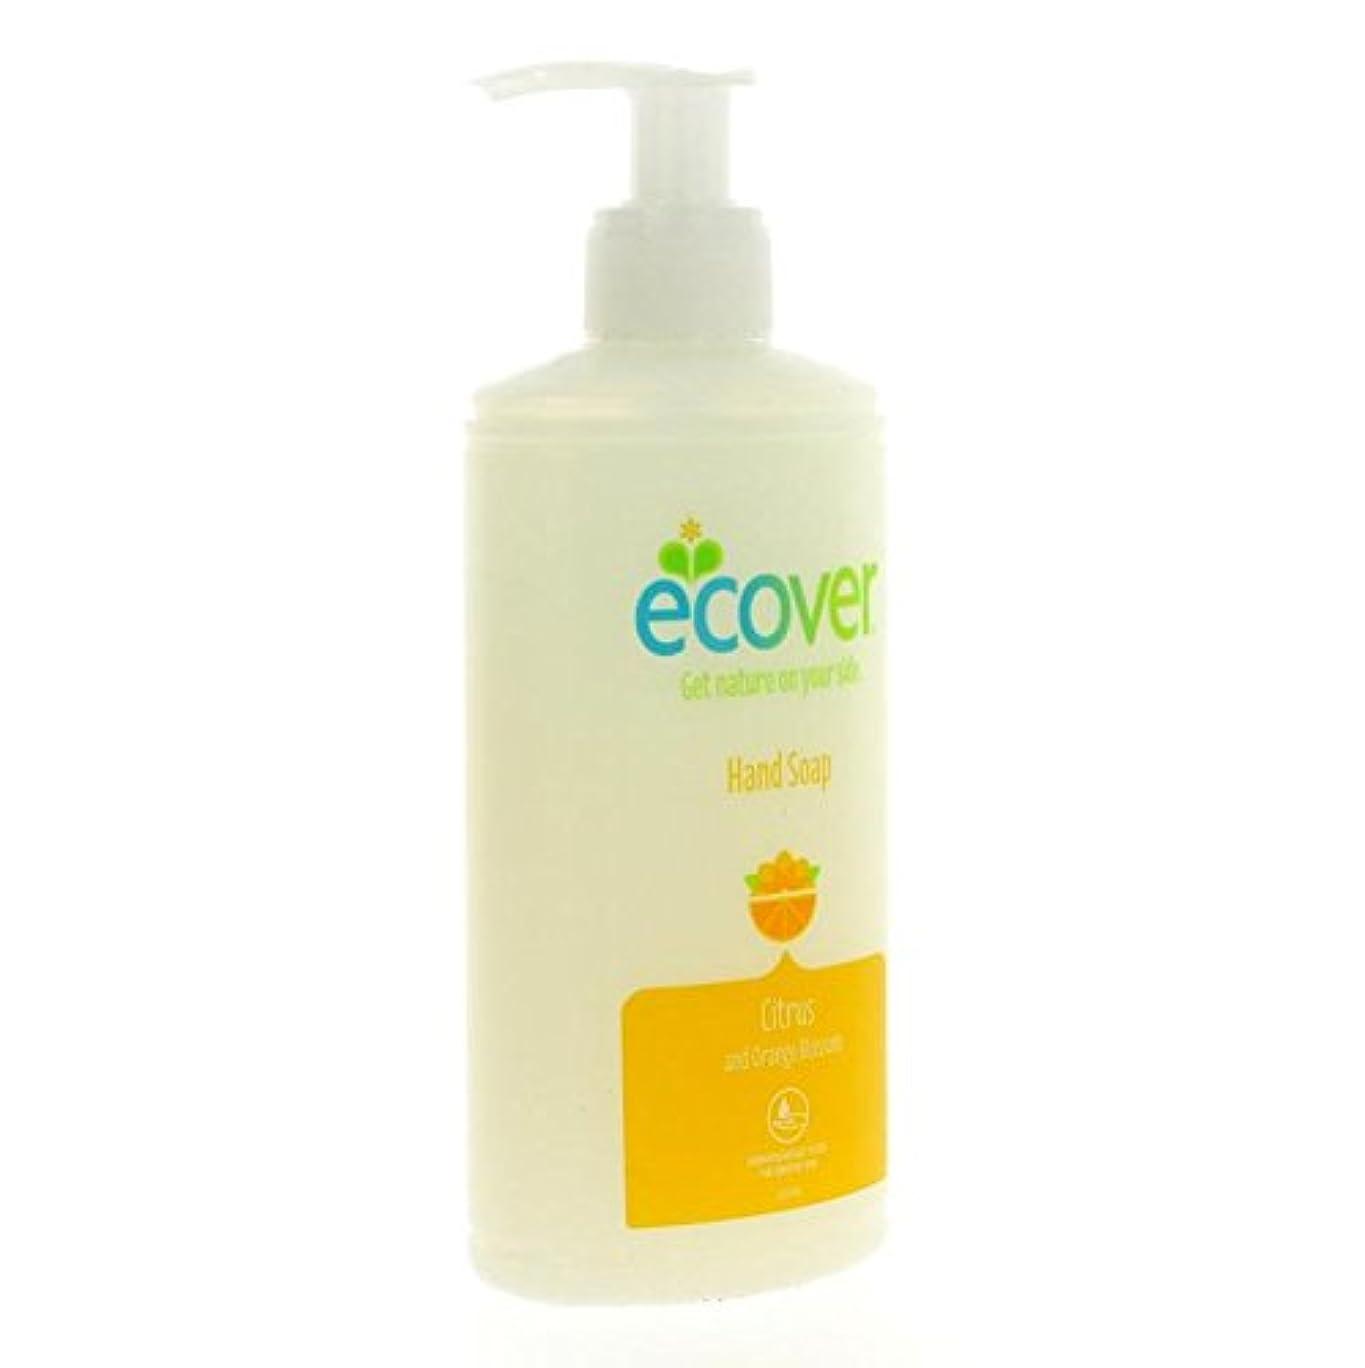 法医学令状式Ecover - Hand Soap - Citrus and Orange Blossom - 250ml (Case of 6)